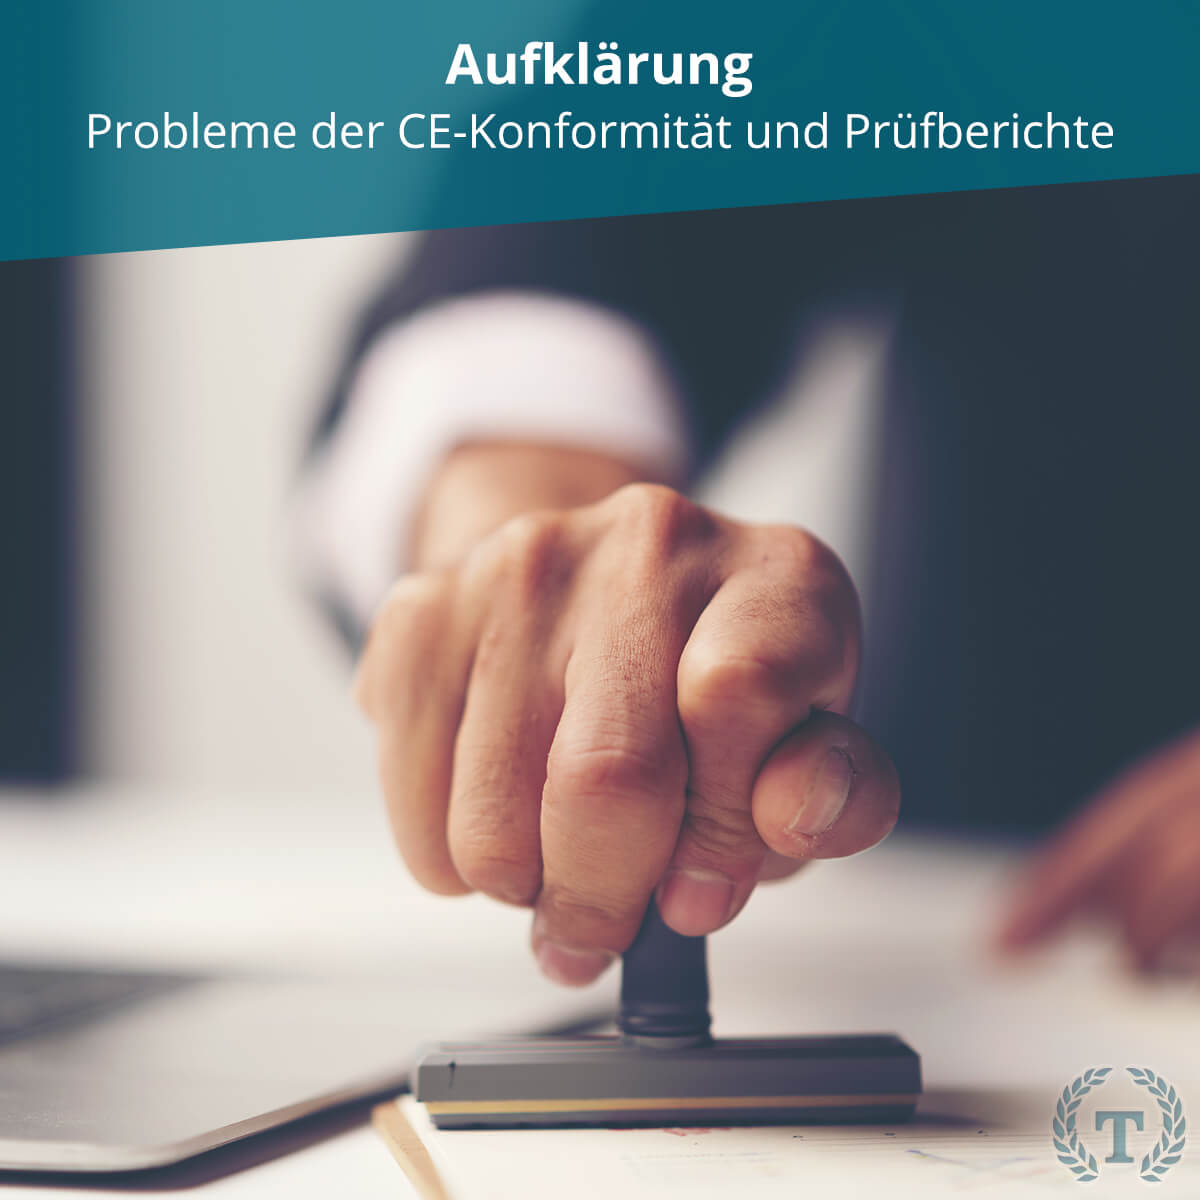 Probleme CE-Konformitätserklärungen und Prüfberichte